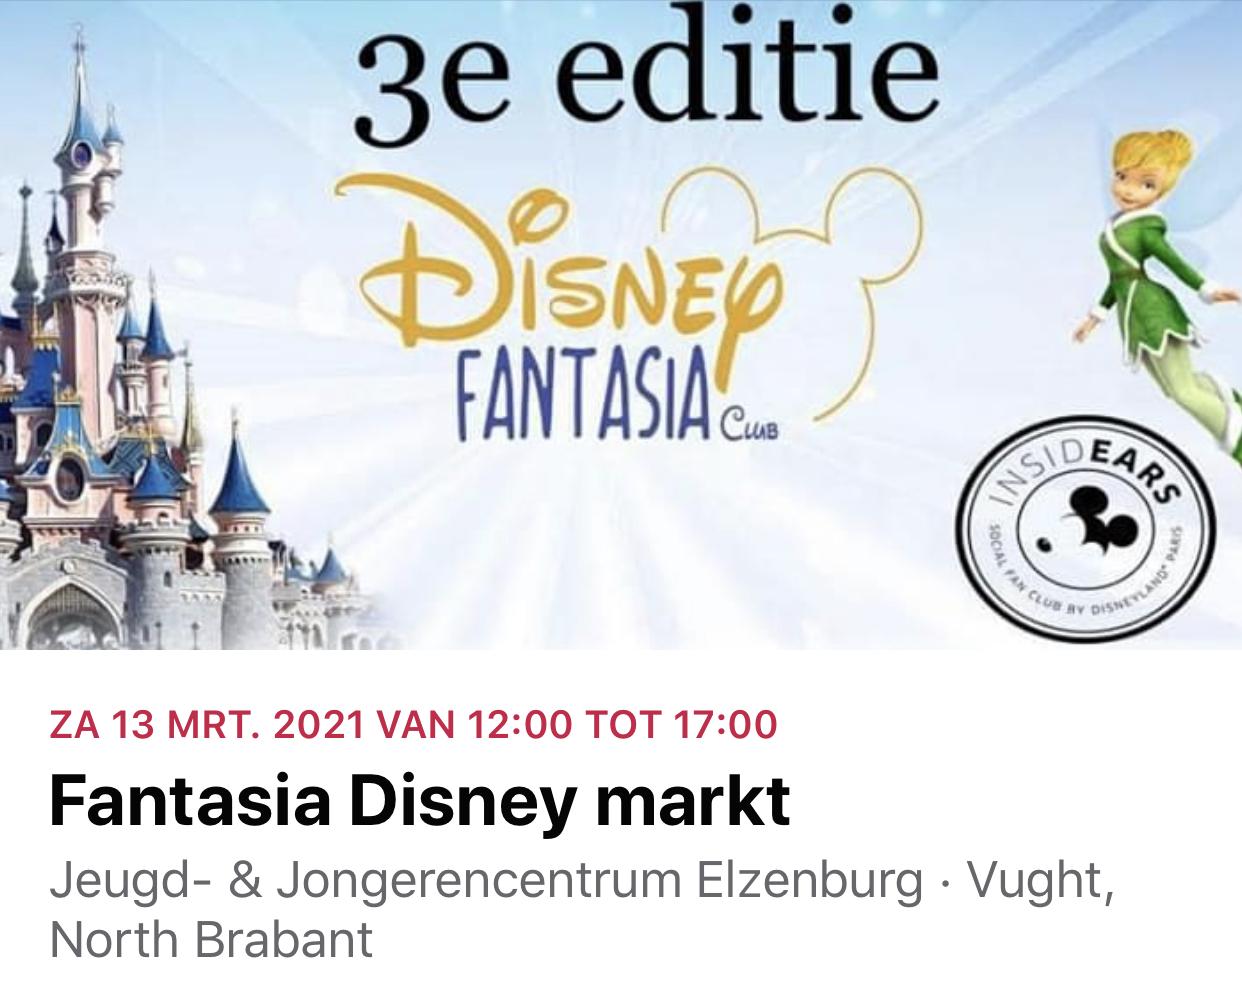 Disney Fantasia Markt 3e Editie